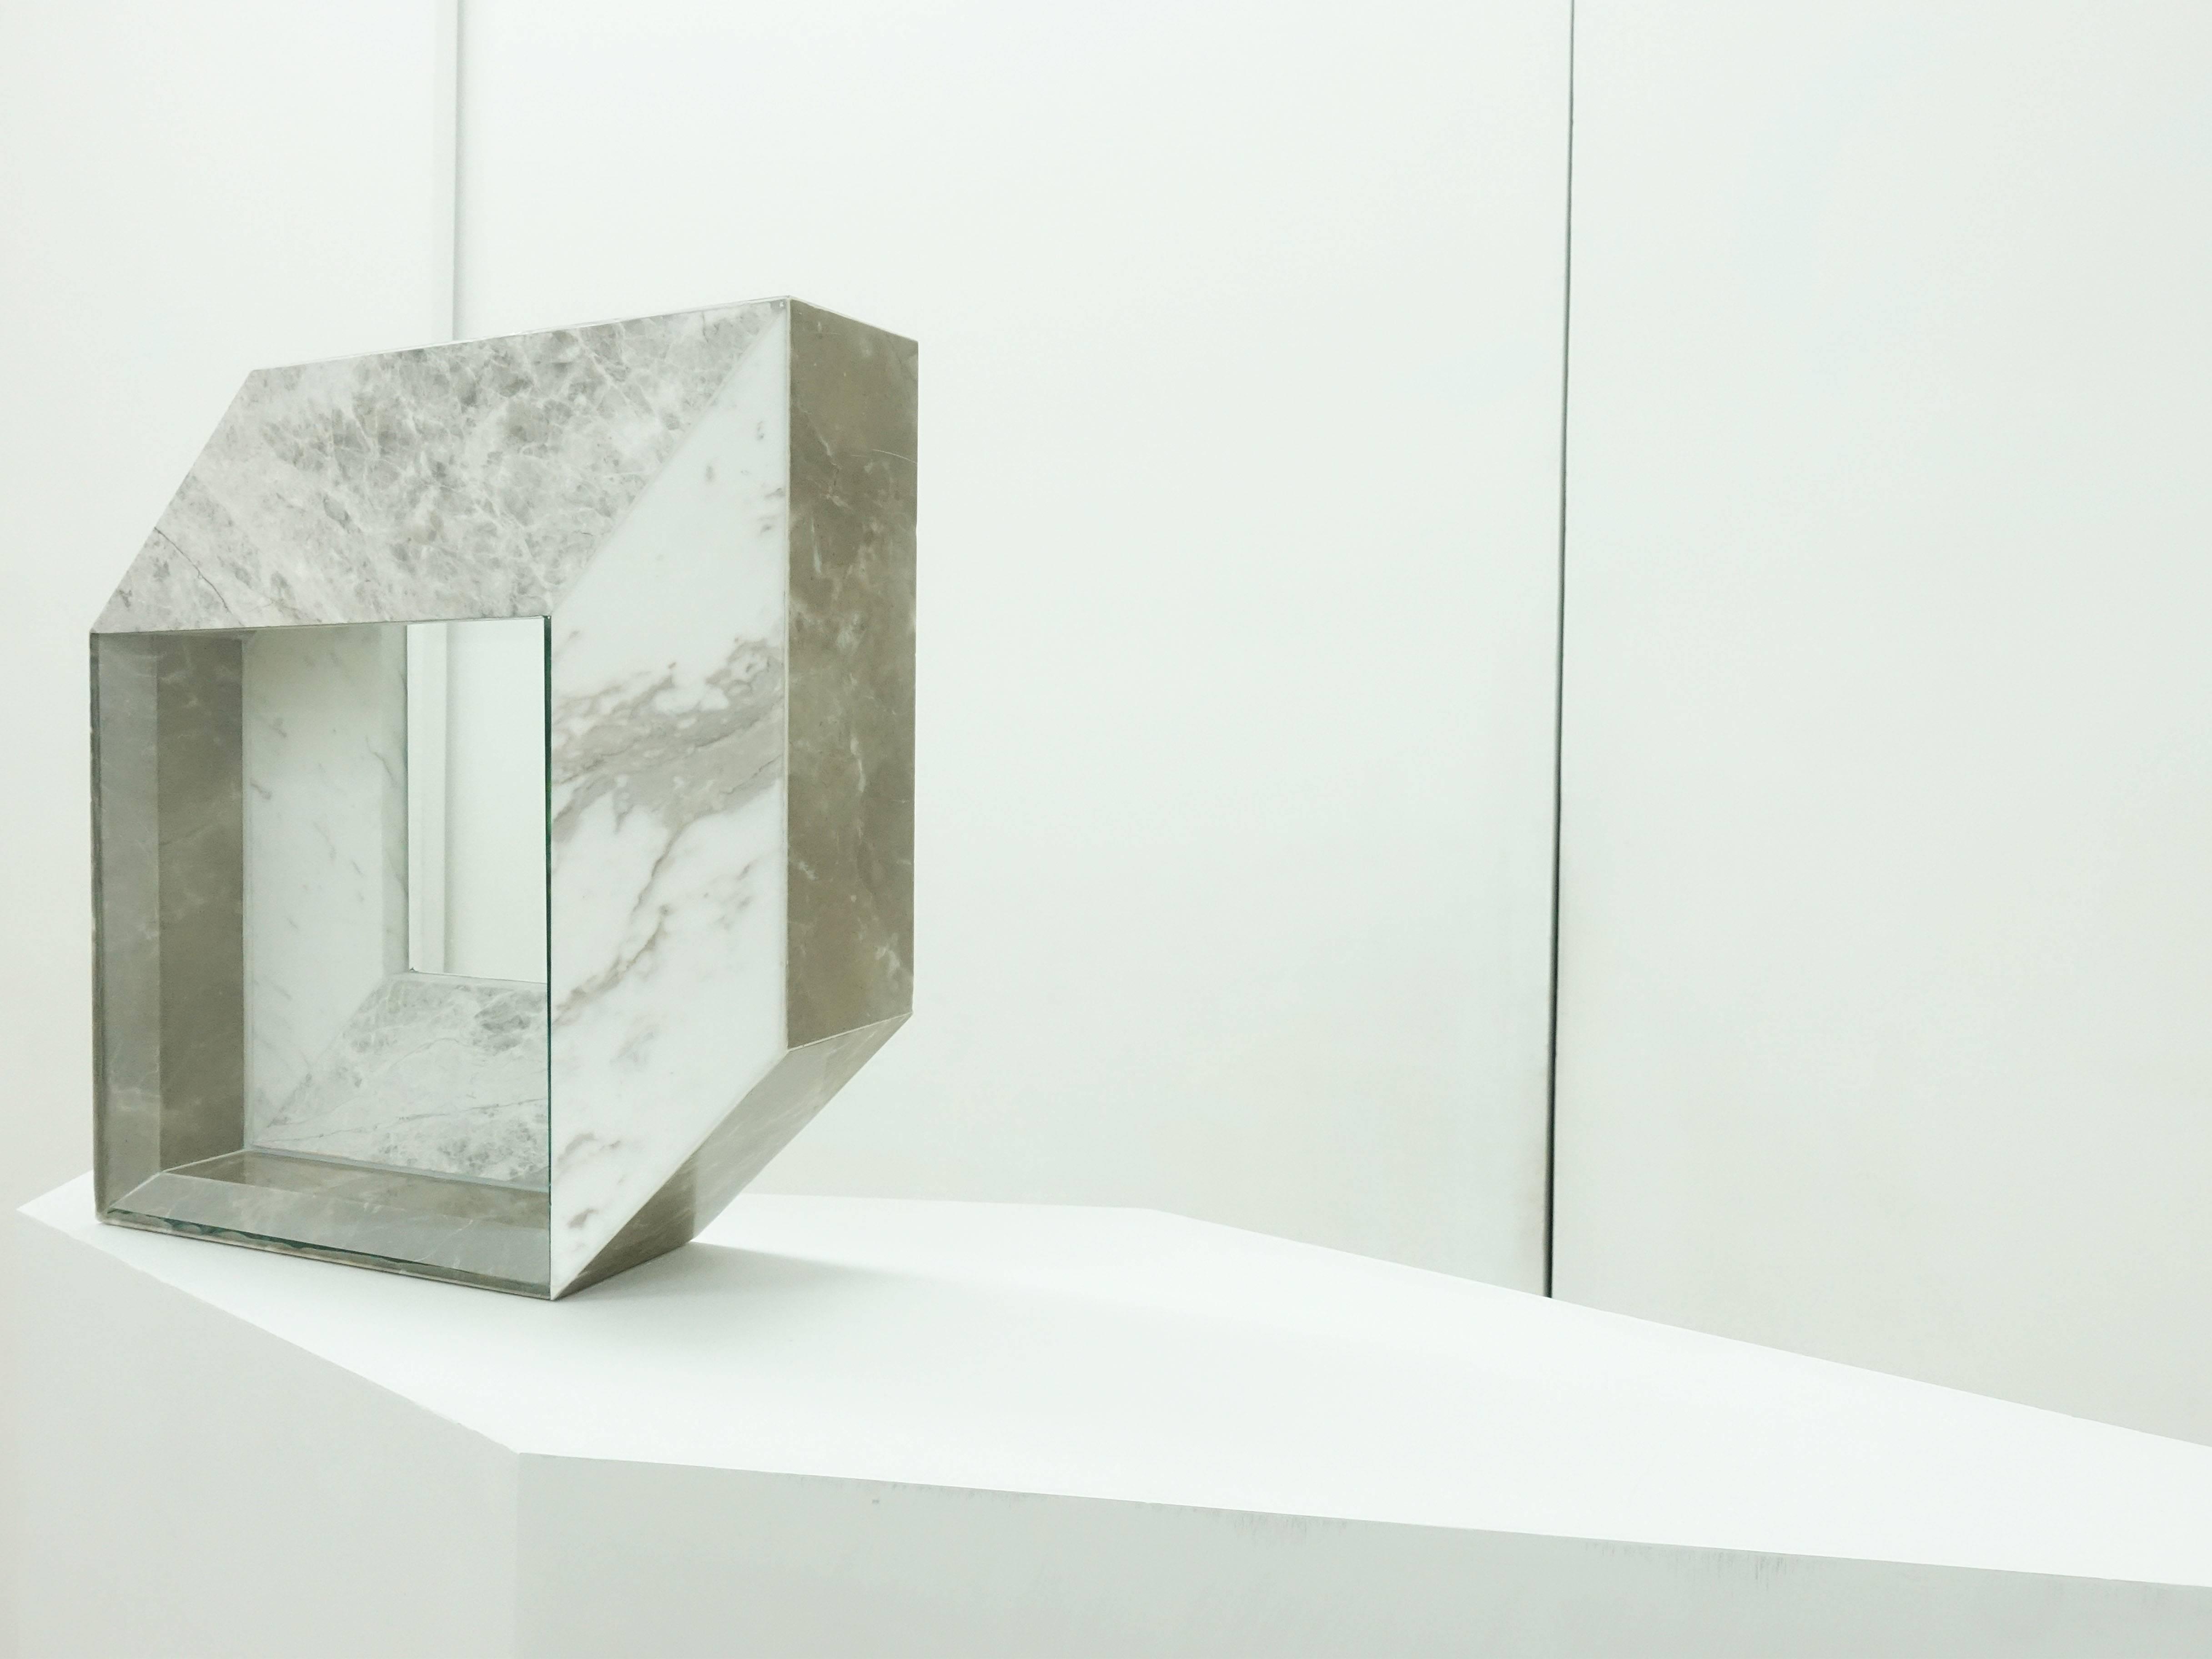 陳為榛,《美耐板03》,35x8x35cm,大理石、玻璃,2019。